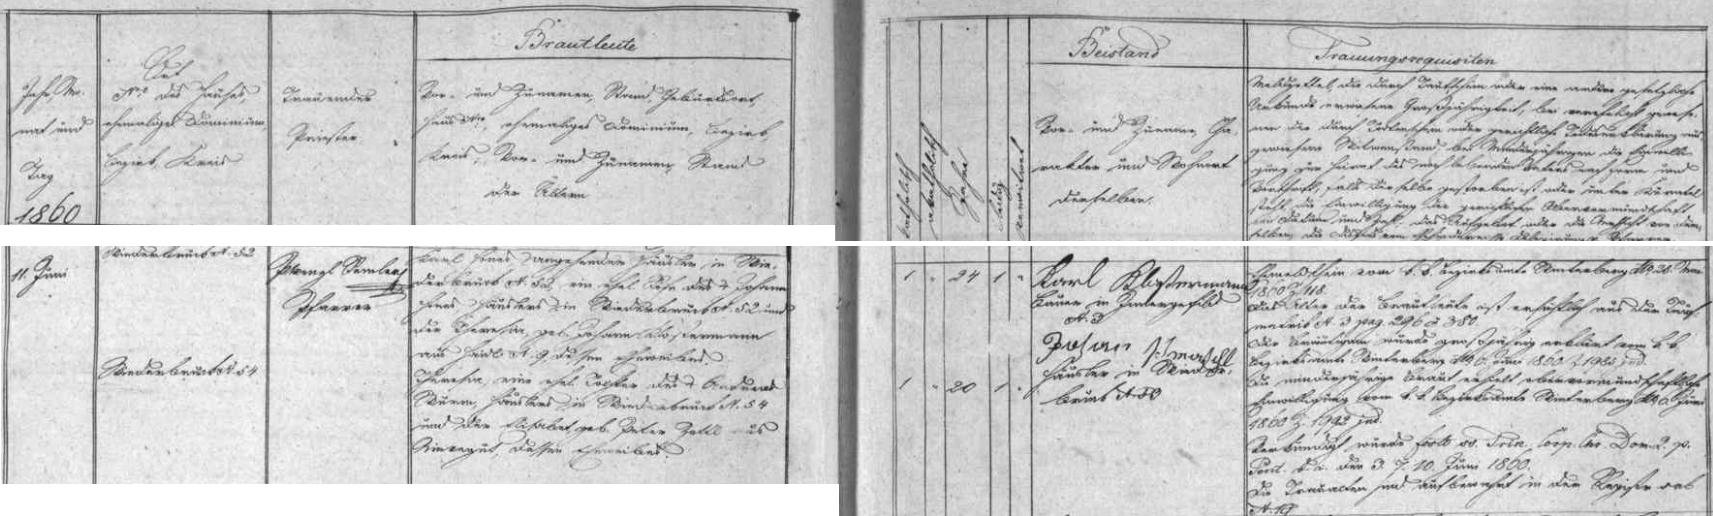 Záznam kvildské oddací matriky o zdejší svatbě jejích rodičů dne 11. června roku 1860